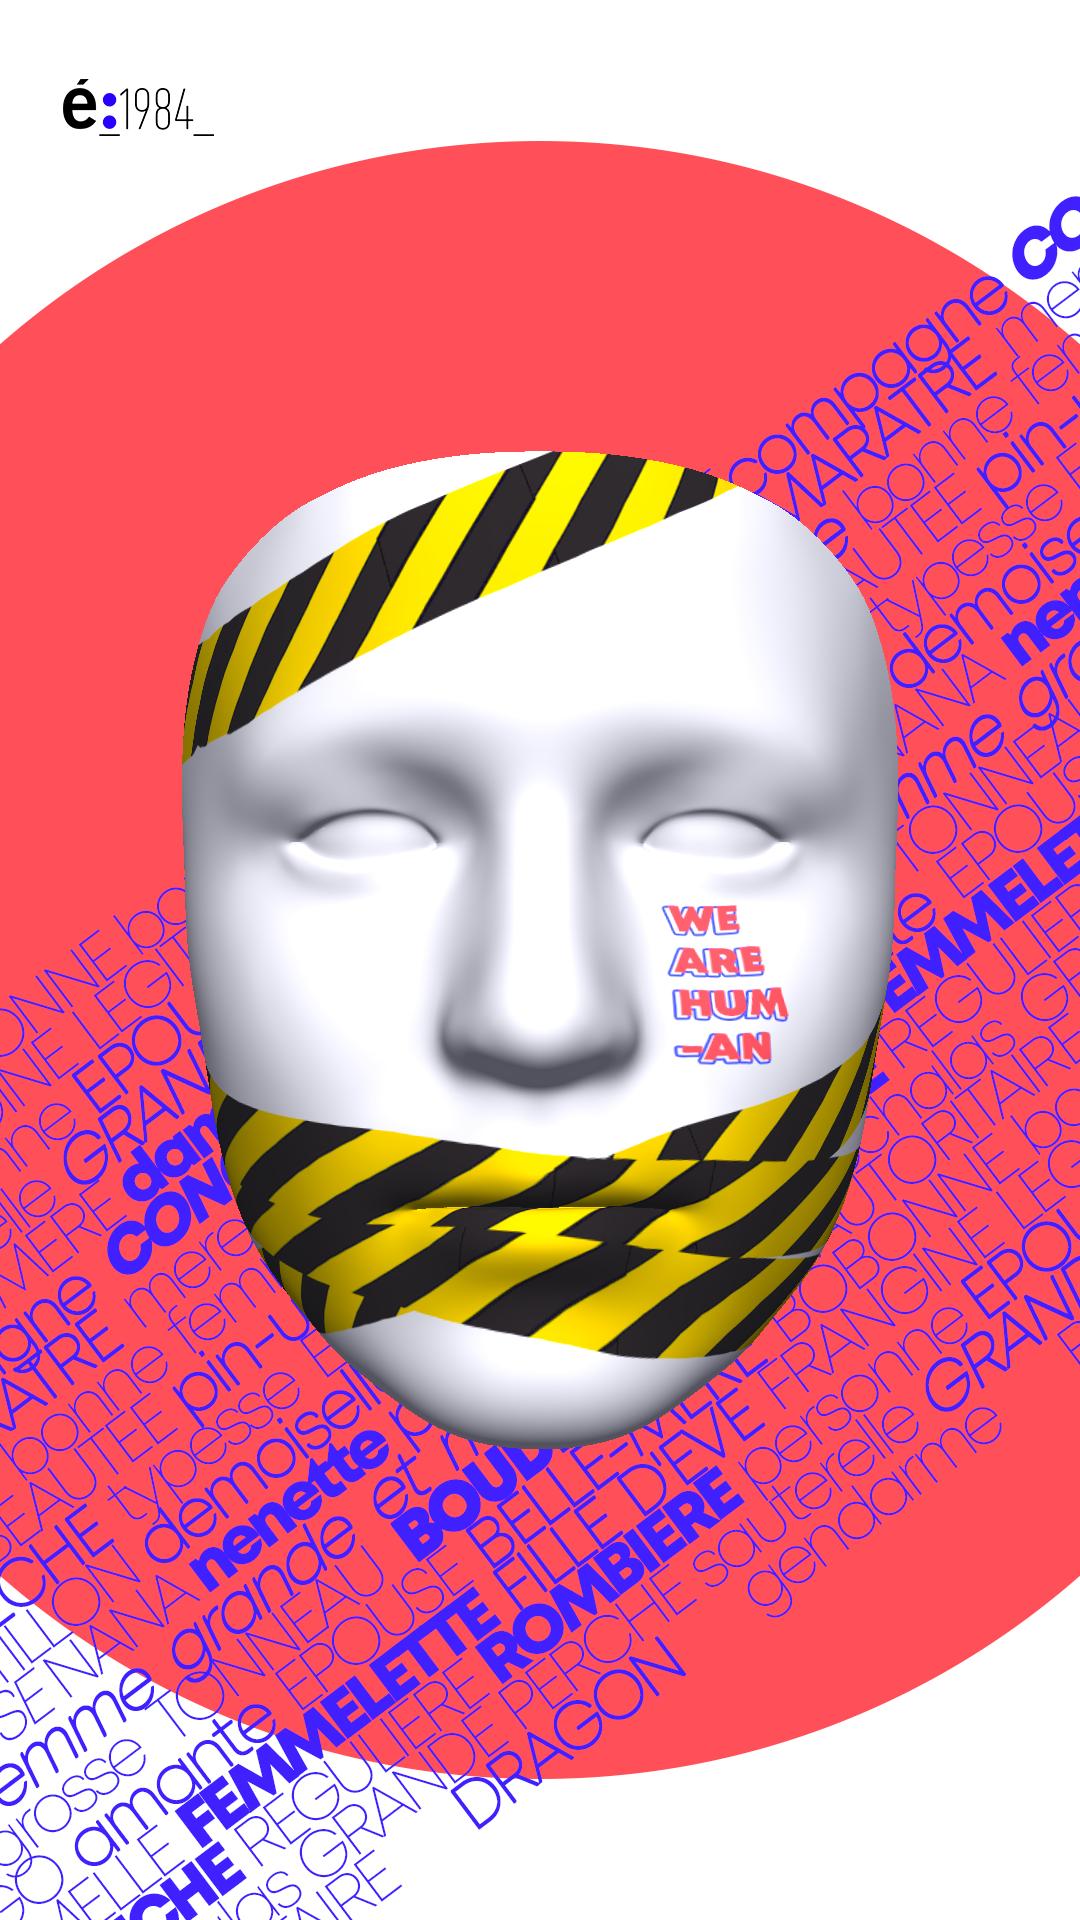 Concours : étapes et l'école 1984 - Pimp my Mask - Vue de face